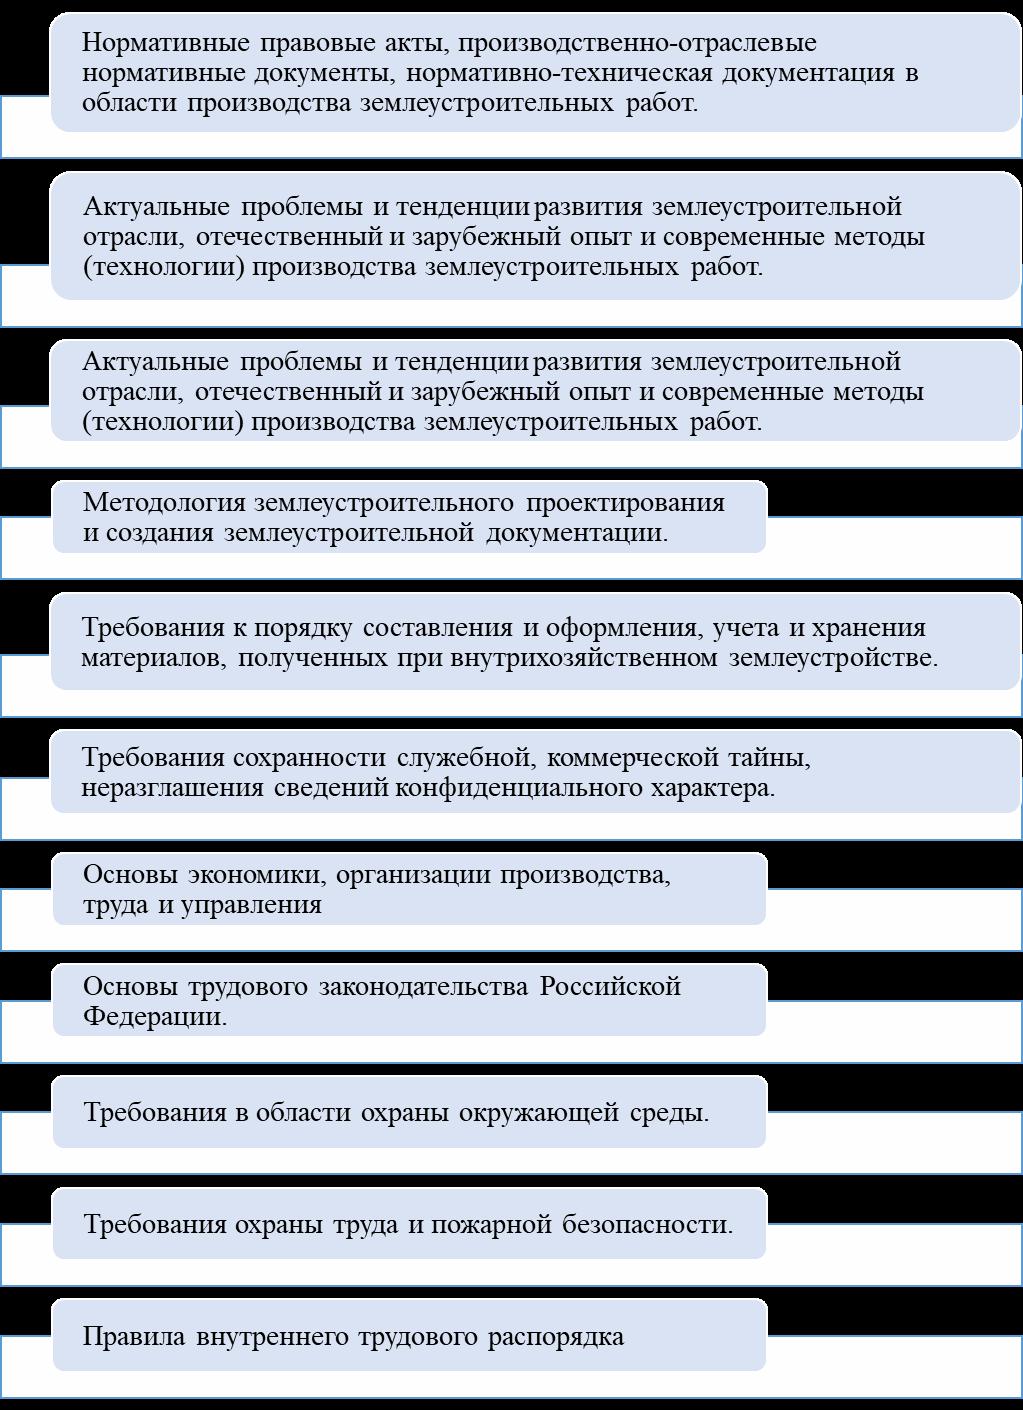 word image 117 Мониторинг и анализ образовательной деятельности образовательных организаций аграрного профиля в условиях «регуляторной гильотины»